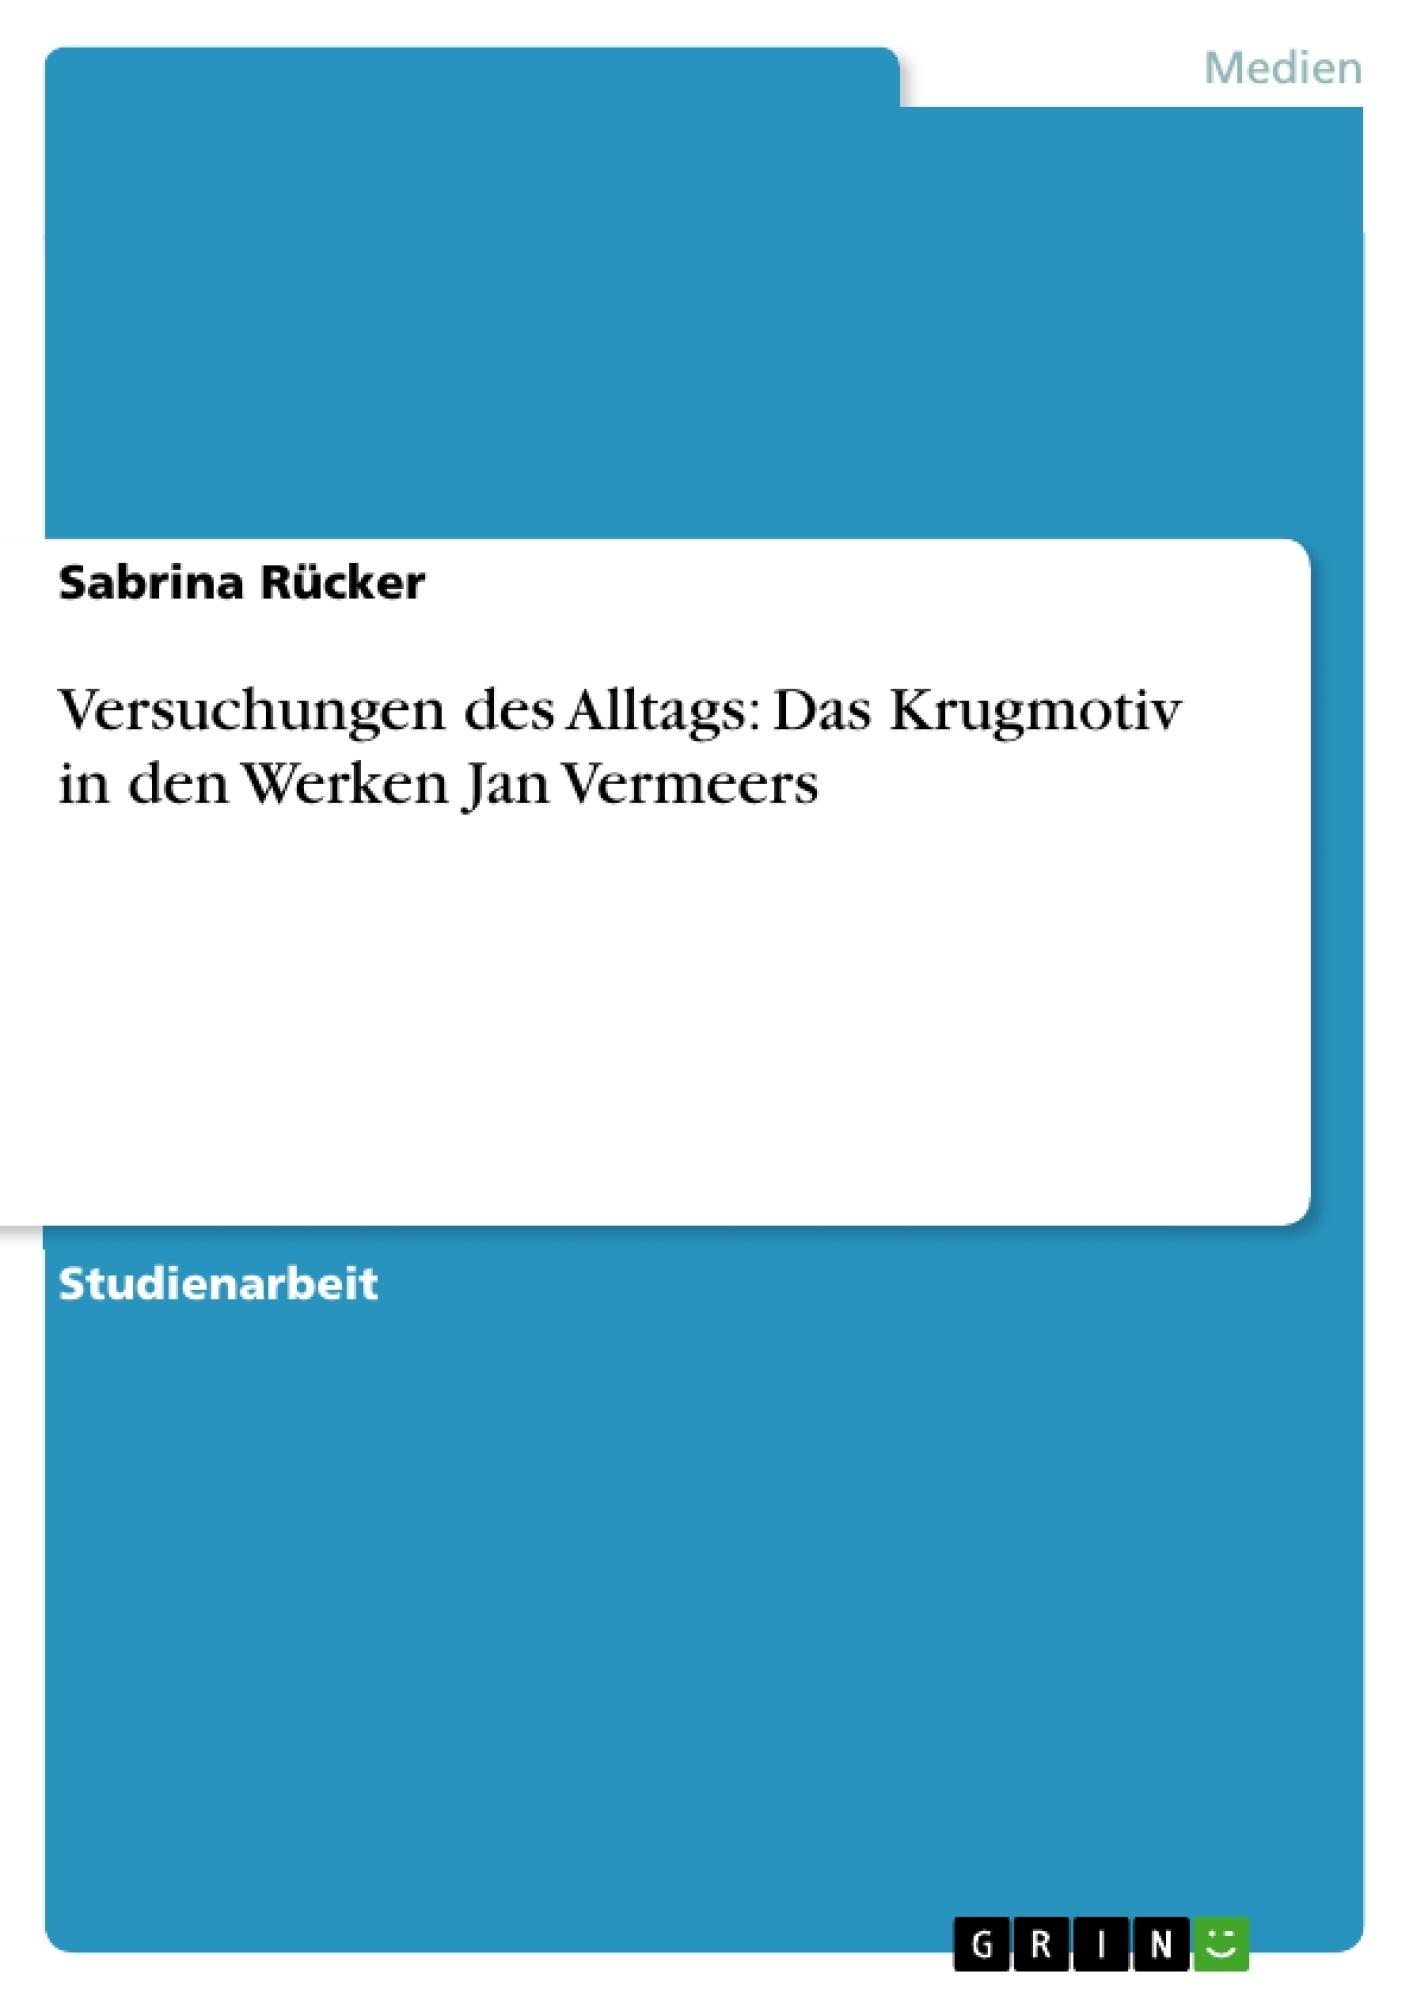 Titel: Versuchungen des Alltags: Das Krugmotiv in den Werken Jan Vermeers